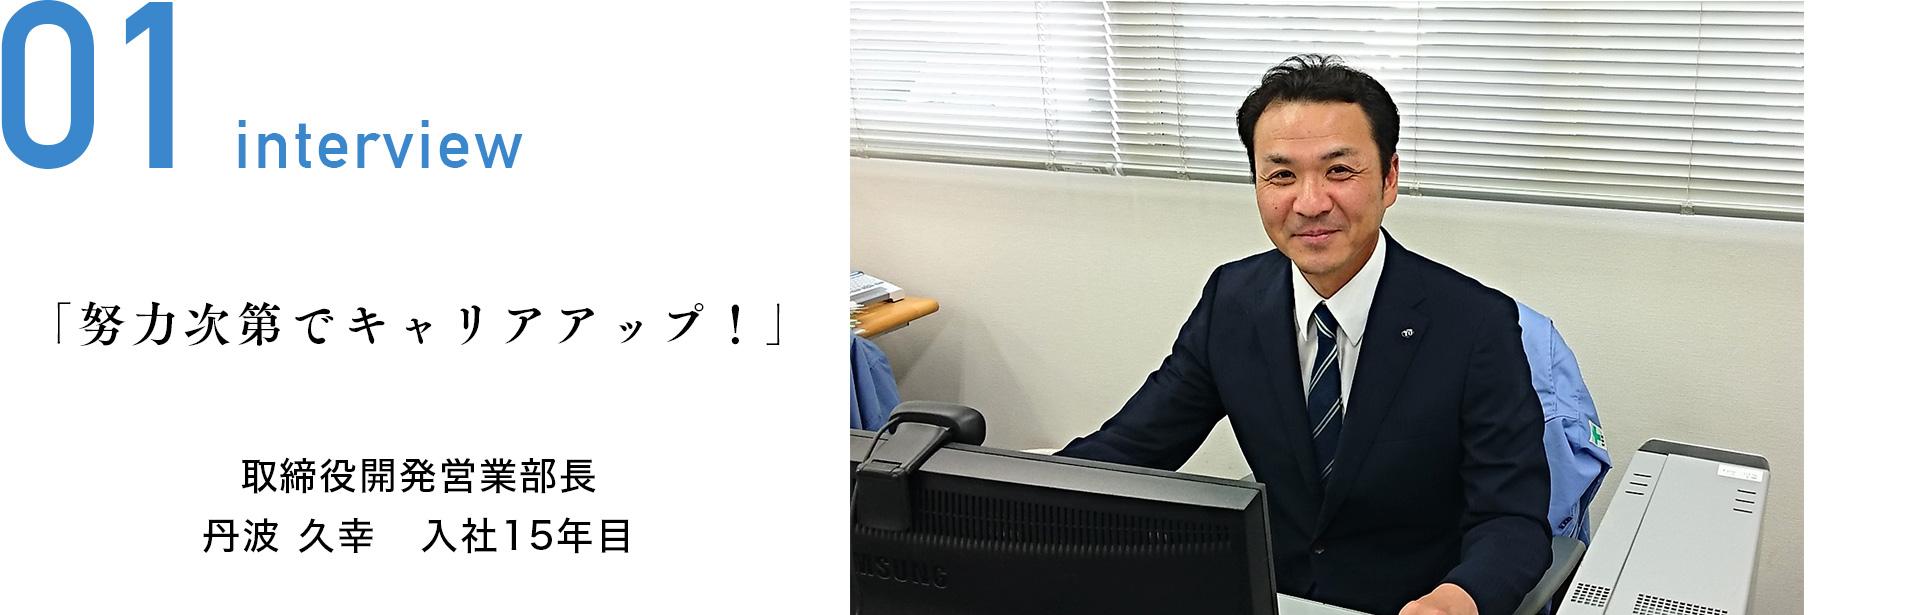 先輩の声 取締役開発営業部長